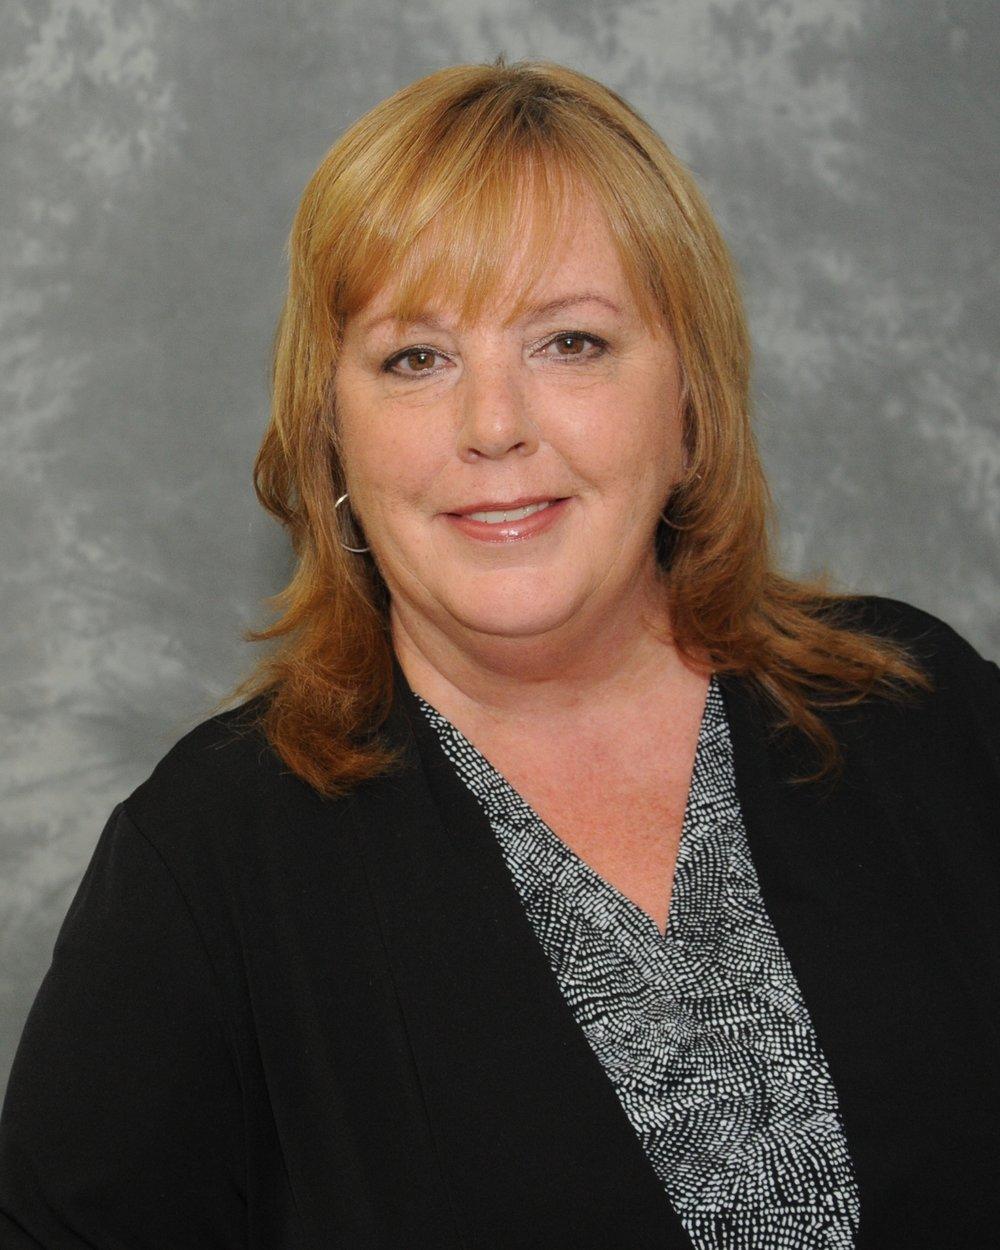 Elizabeth (Liz) Rzonca - Senior Associate - Email: Liz@solowayagency.com